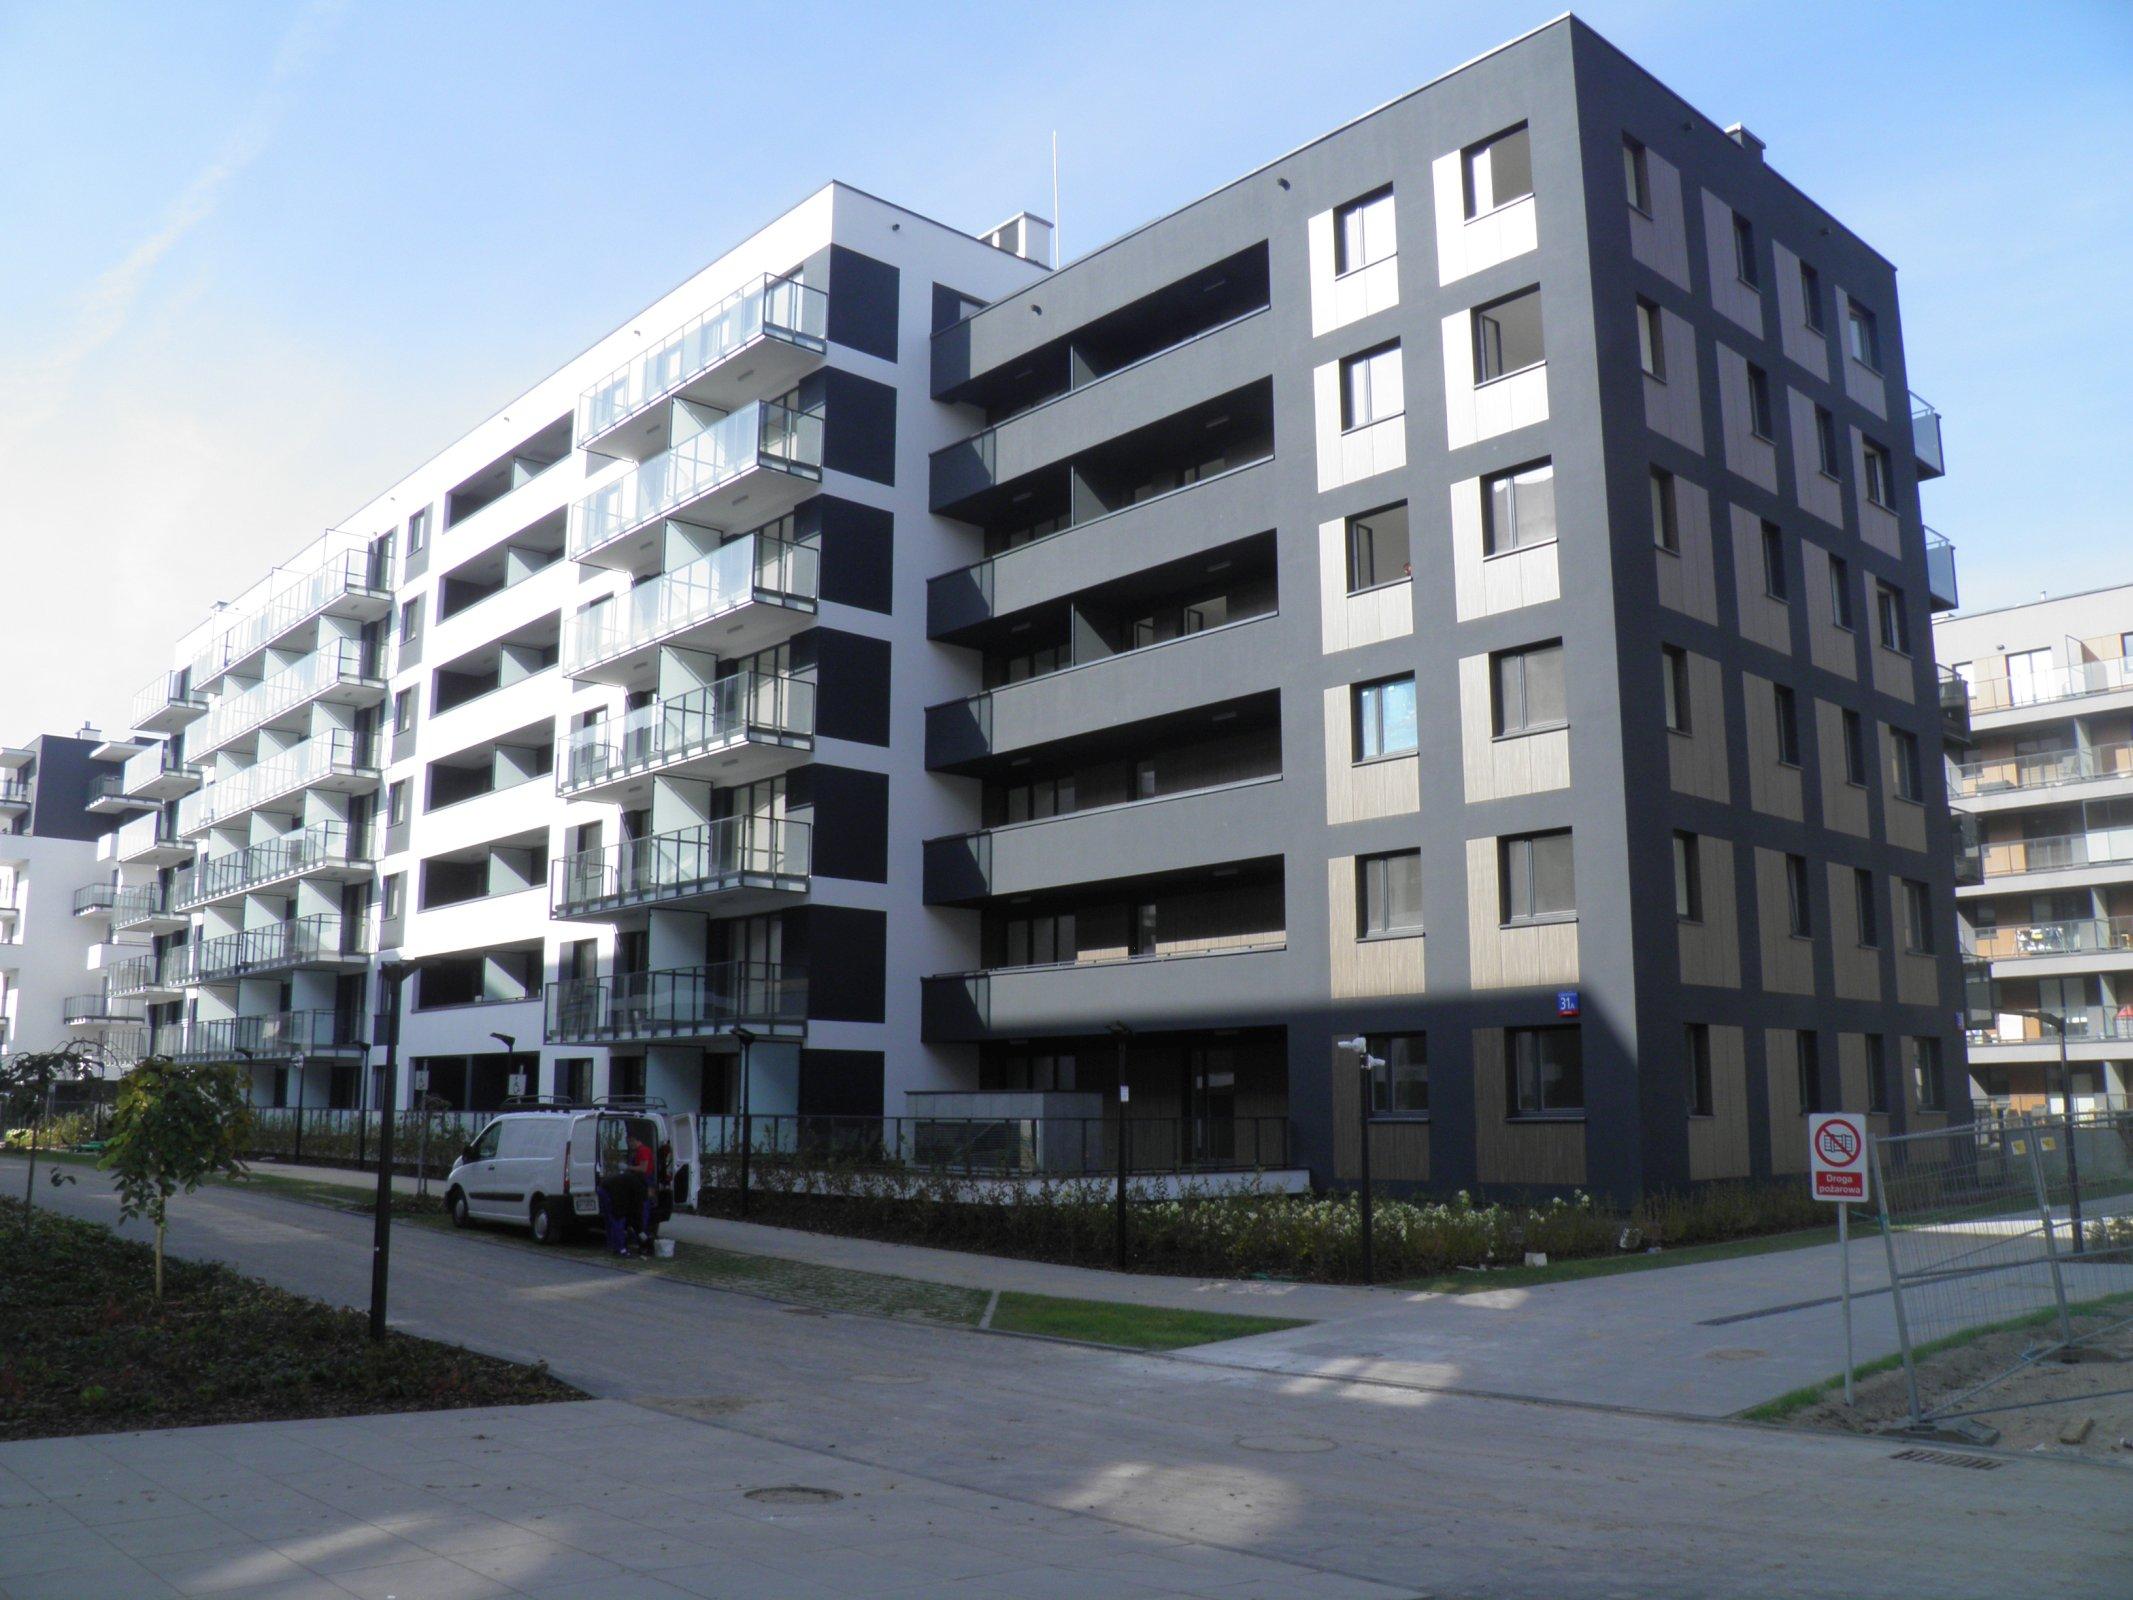 STACJA KAZIMIERZ - budynki mieszkalne nr 3, 4a i 4b